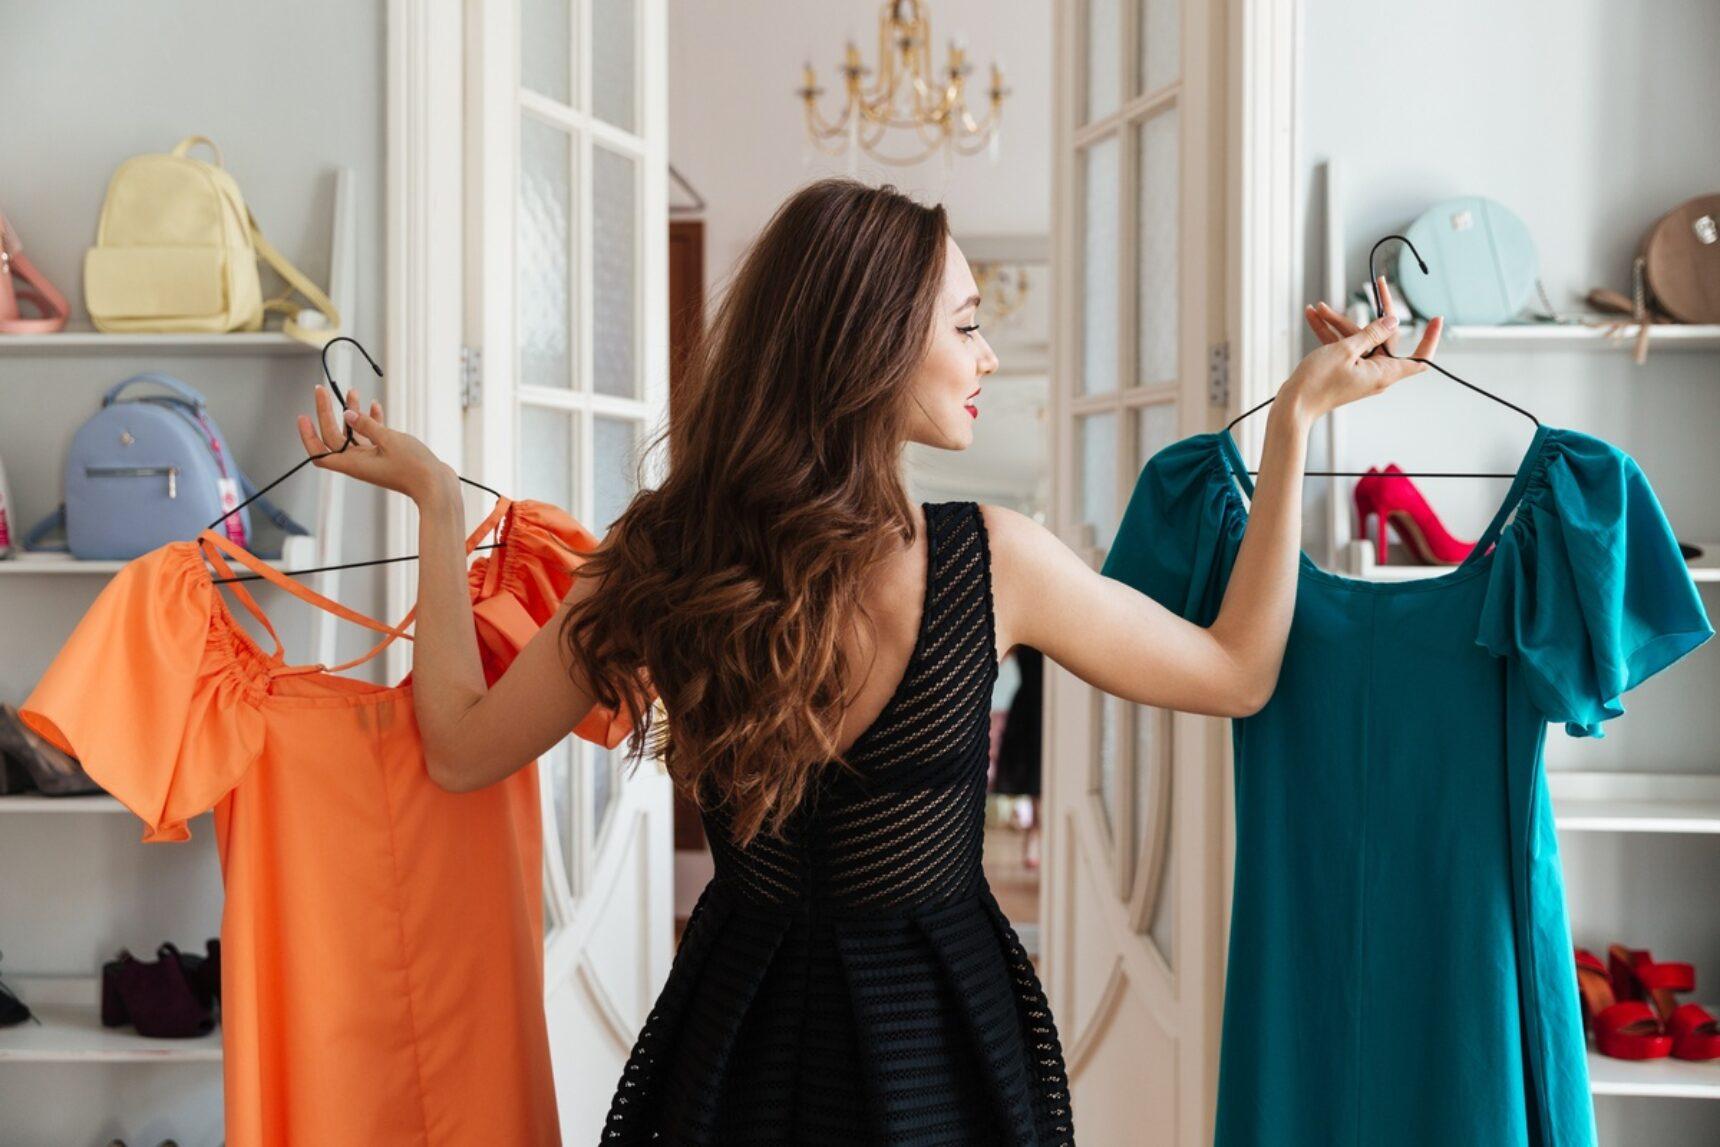 Idealna sukienka na poprawiny dla młodej! Te modele to prawdziwy hit sezonu!